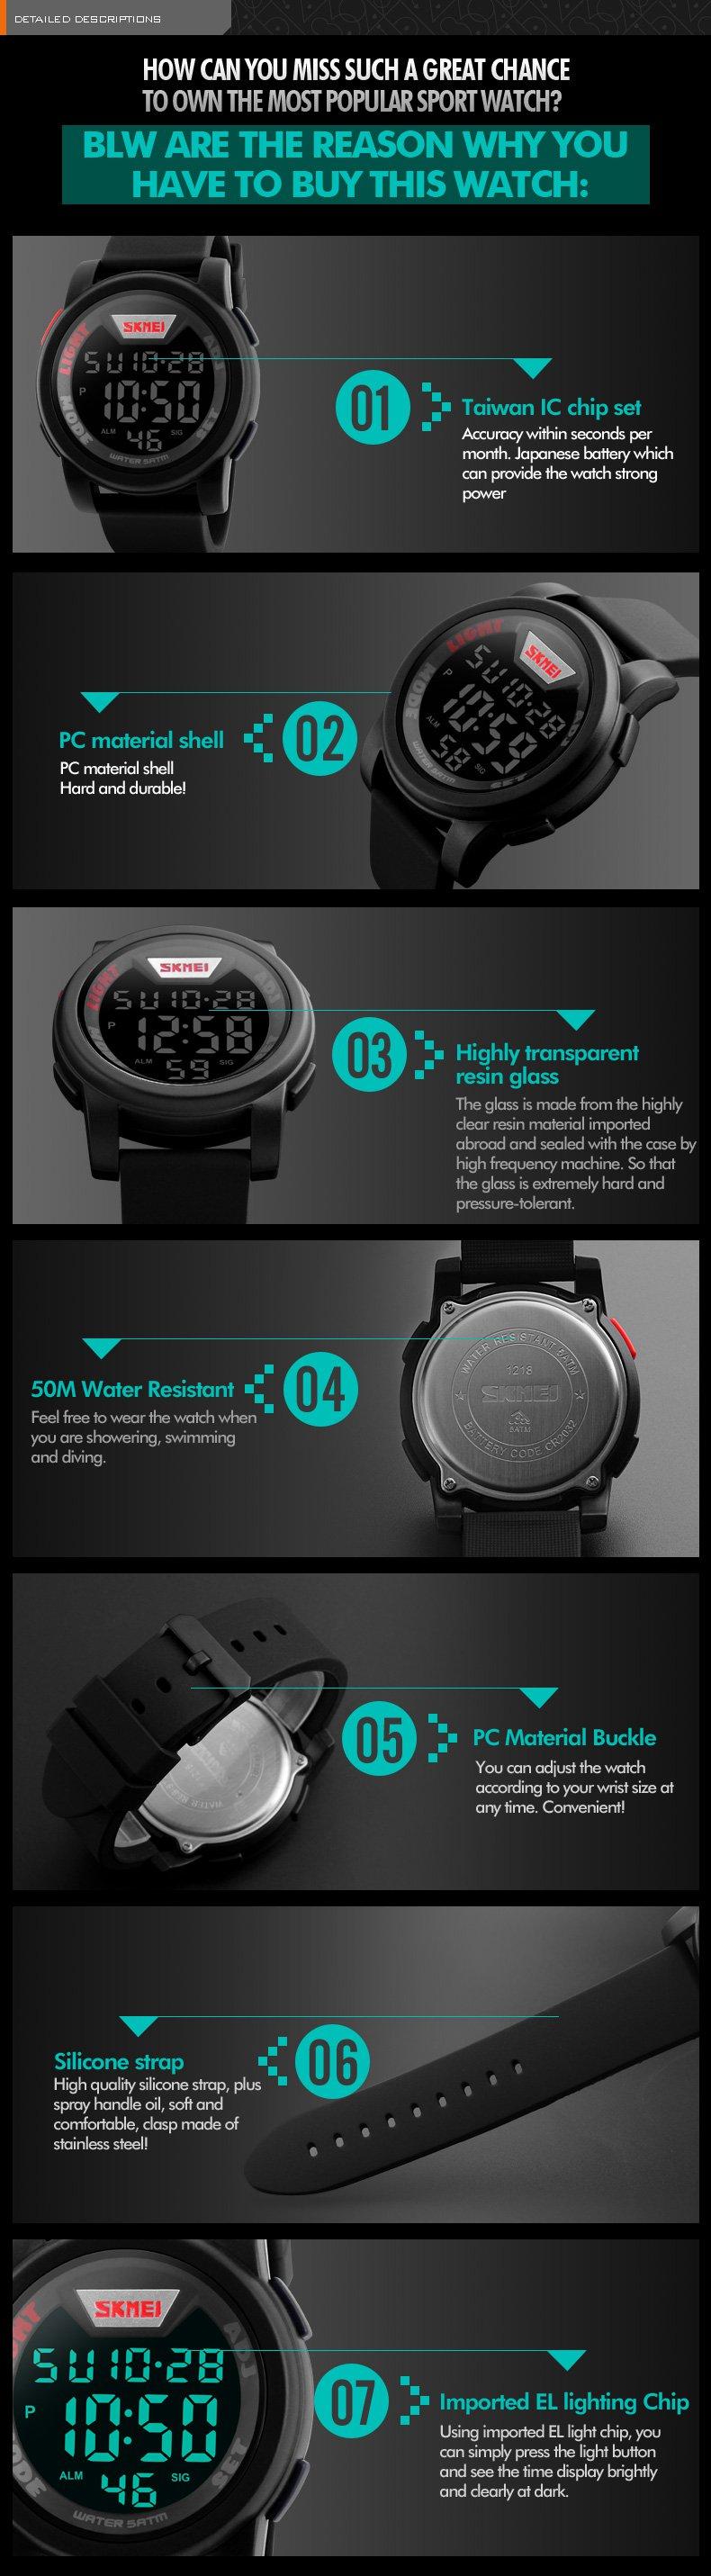 Kompletní specifikace · Ke stažení · Související zboží (1) · Komentáře (0).  Pánské značkové hodinky SKMEI 1218. Digitální hodinky vodotěsné do 50 m 68070cf601f